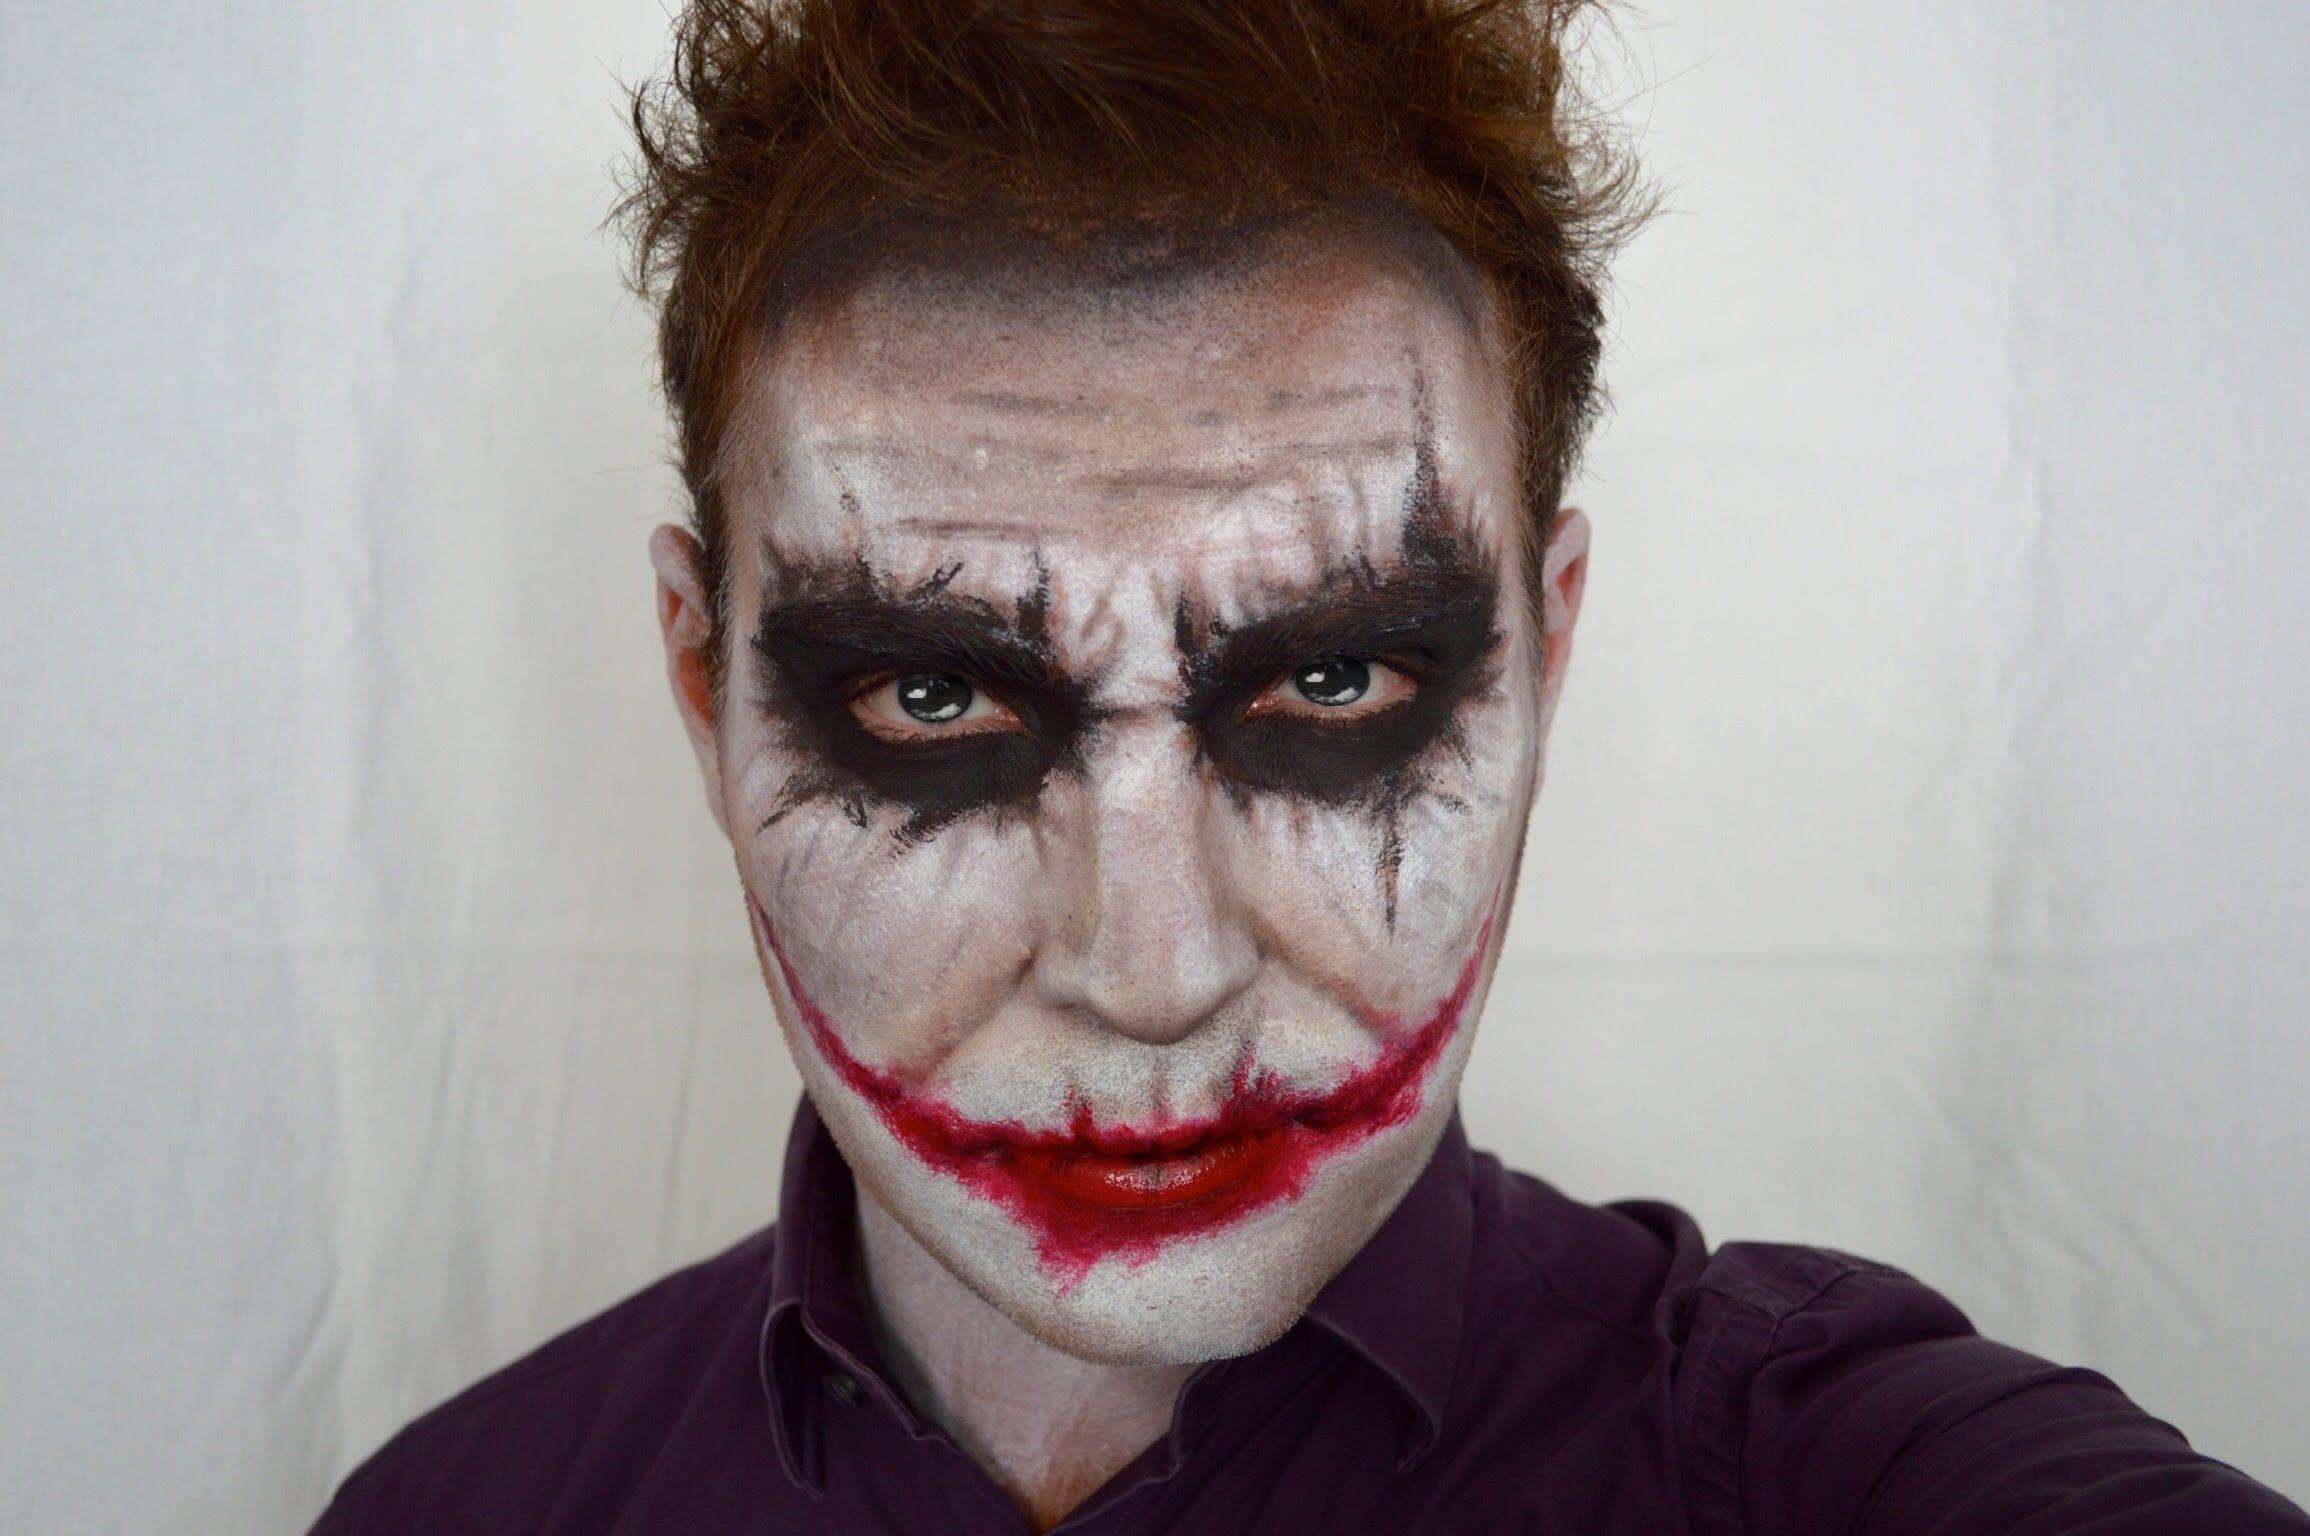 Joker Maquillaje en Hombre para Halloween